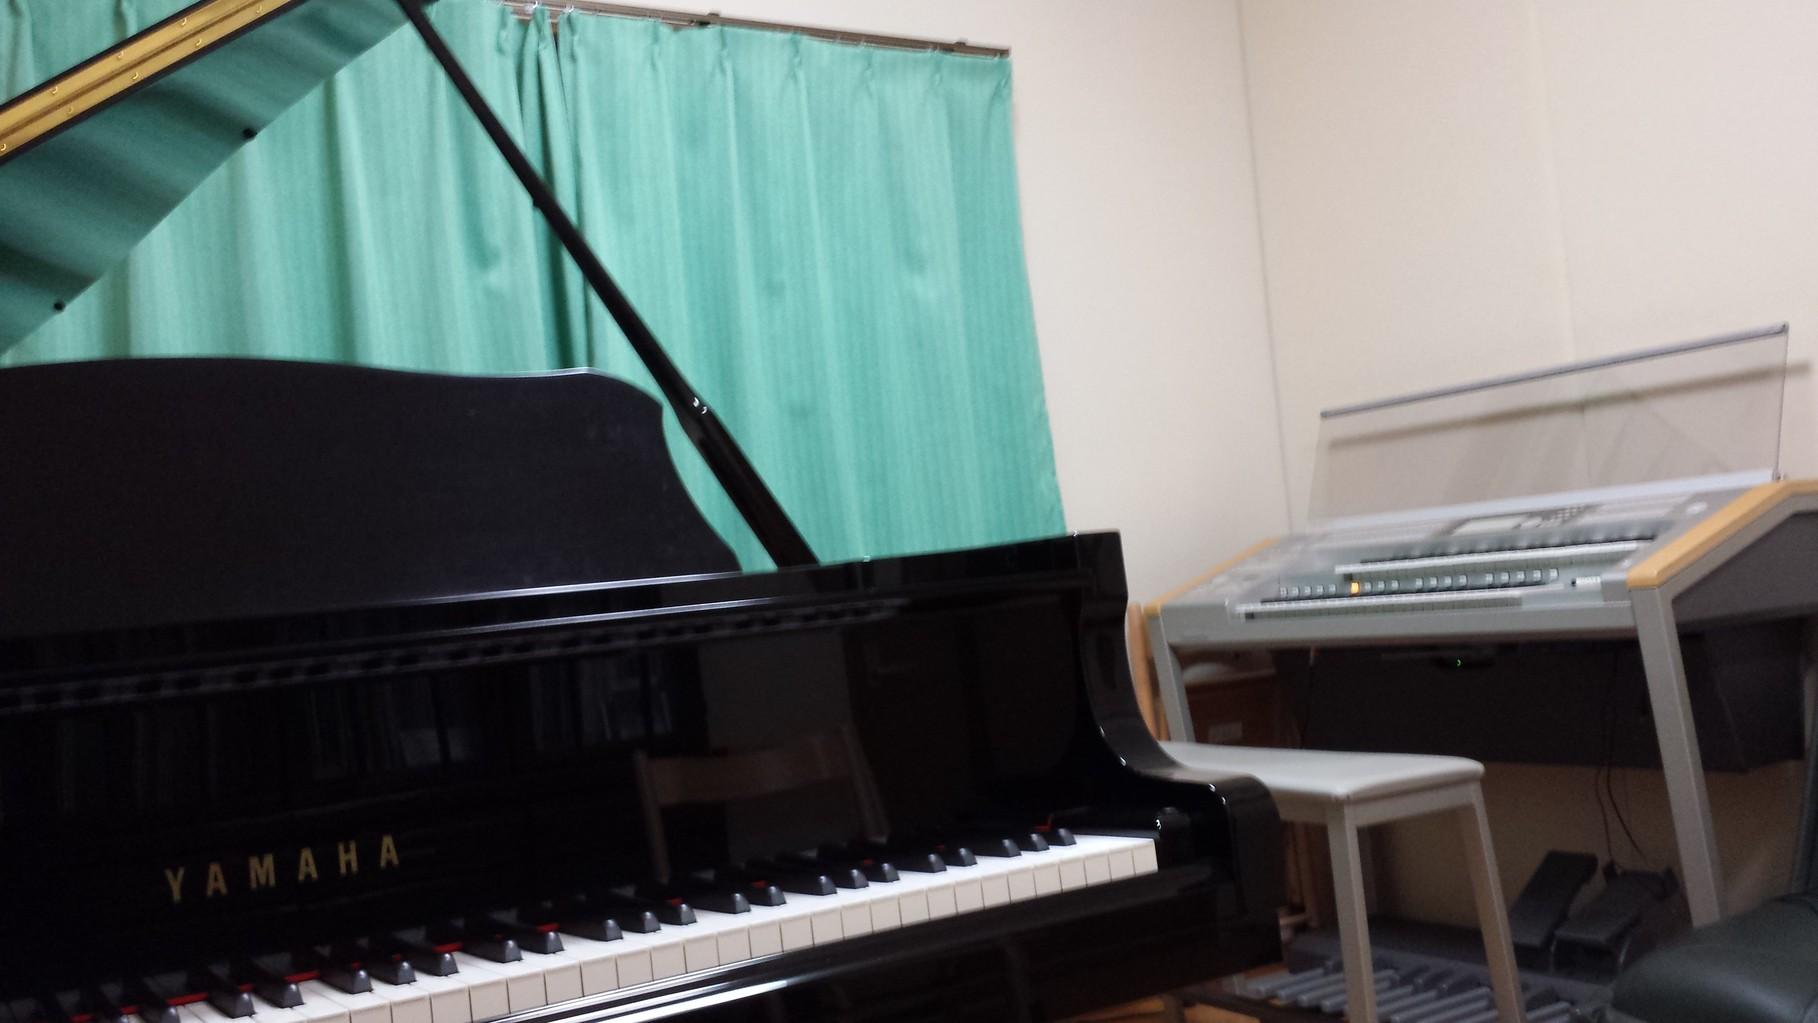 グランドピアノとエレクトーンのアンサンブルが楽しめます